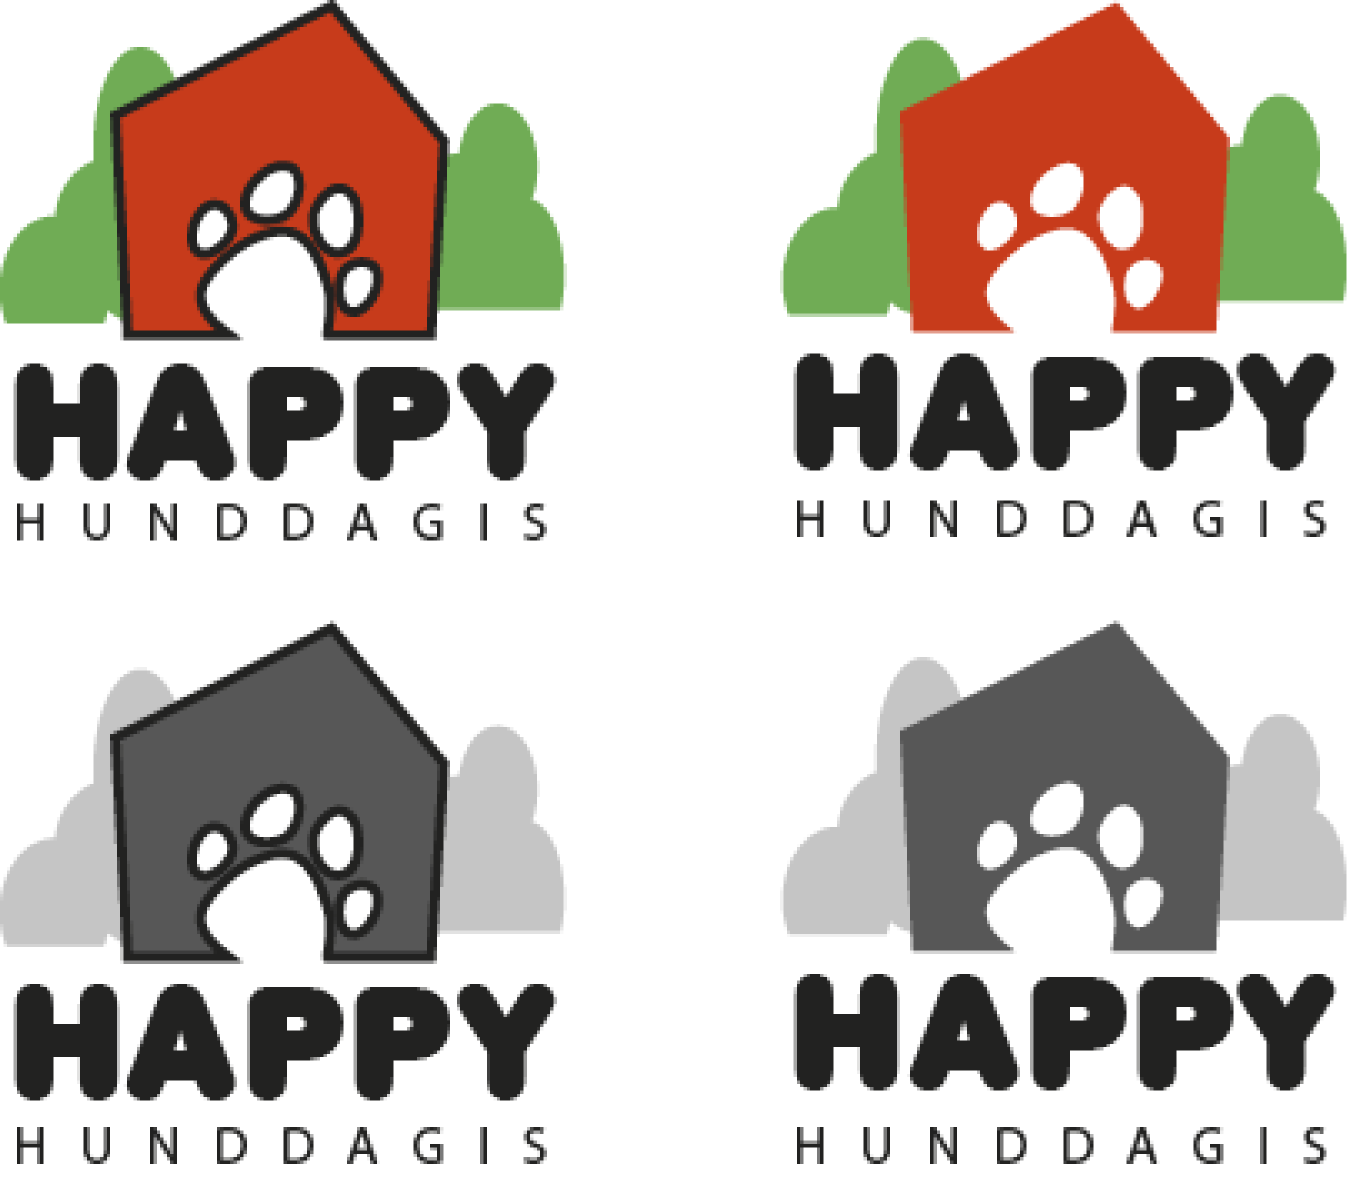 Happy Hunddagis Logos